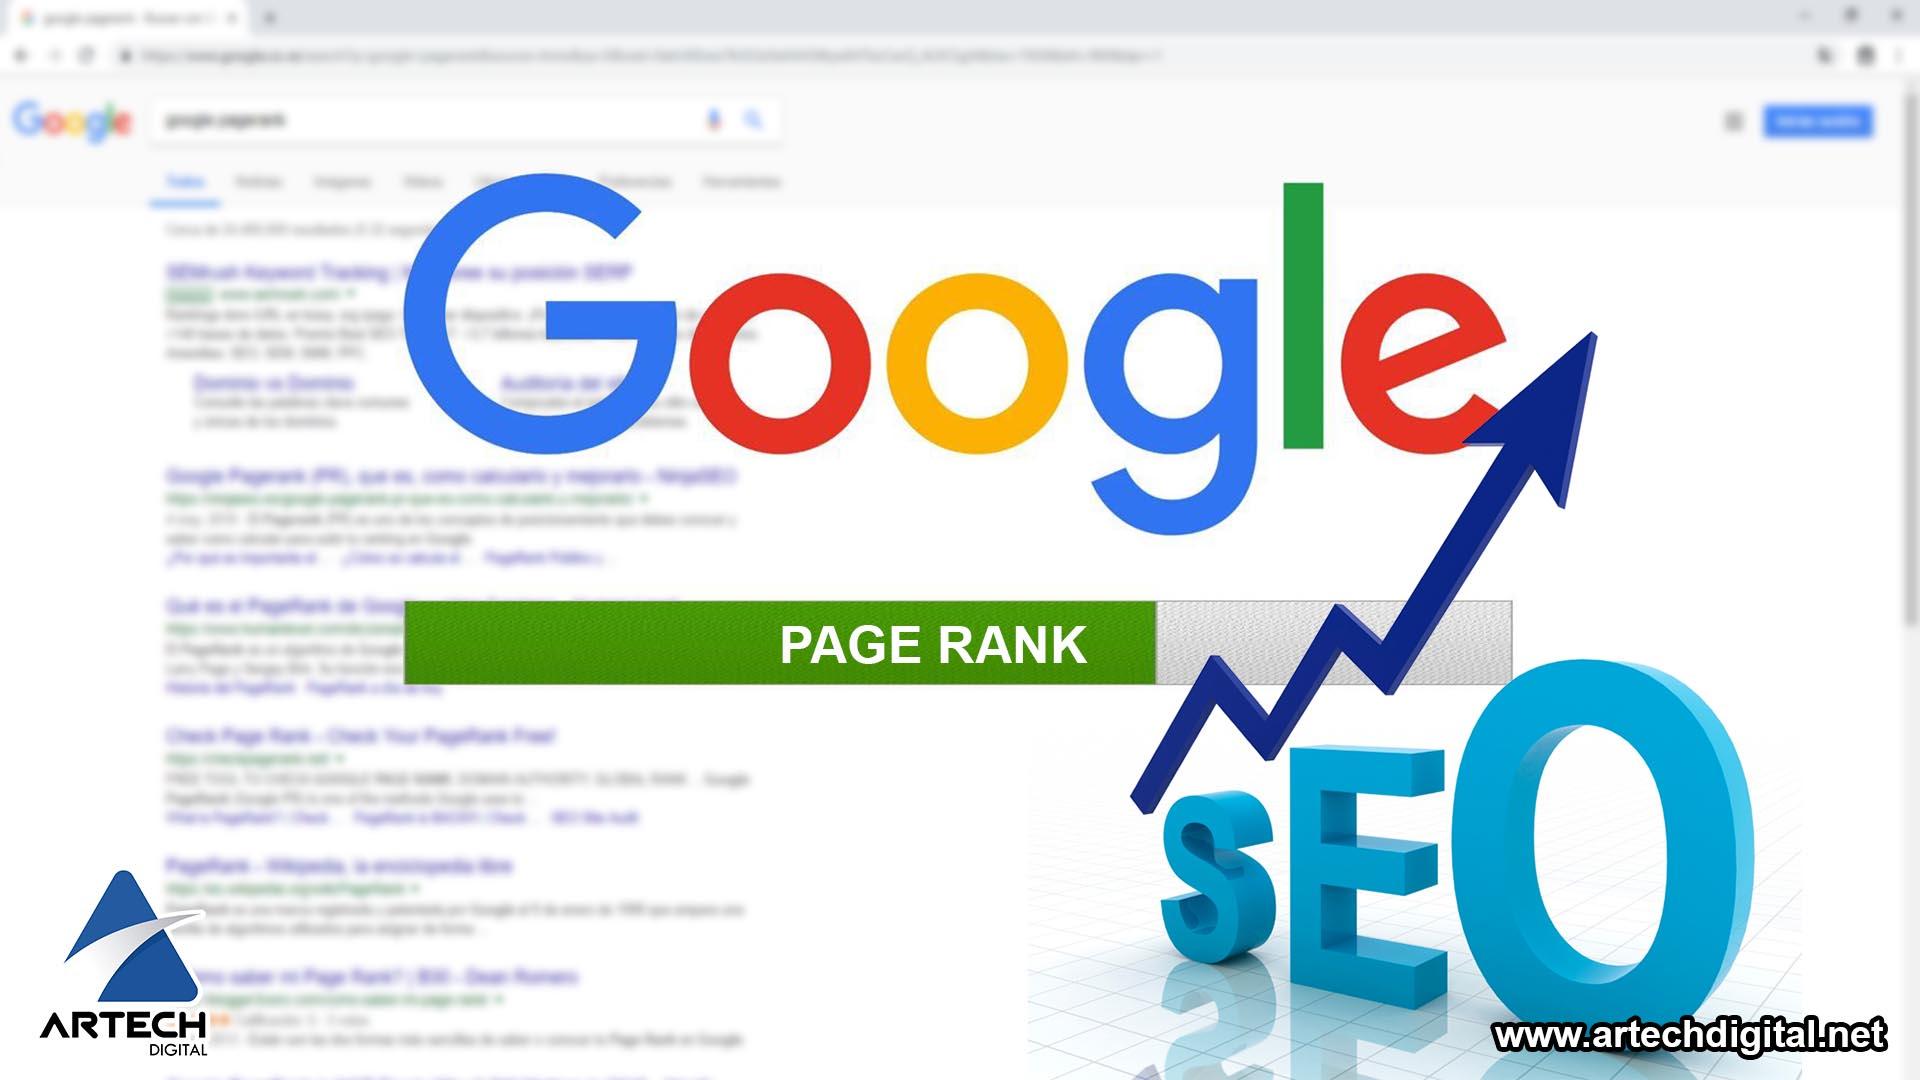 Artech Digital - Google Pagerank